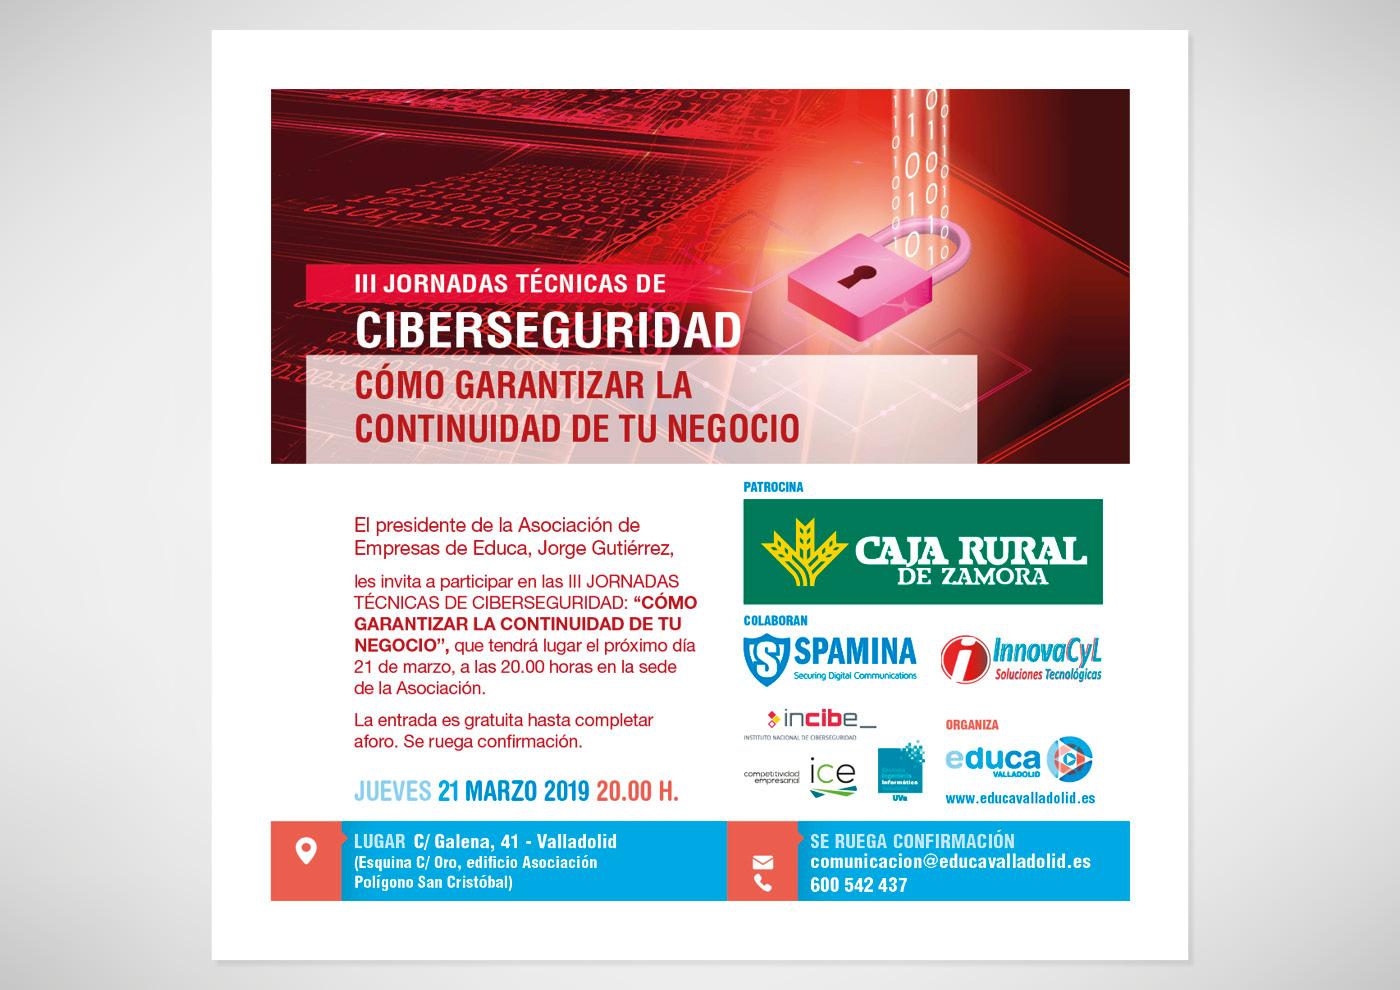 Educa - Jornada Profesional Ciberseguridad - Invitación mail - Ivan Diez